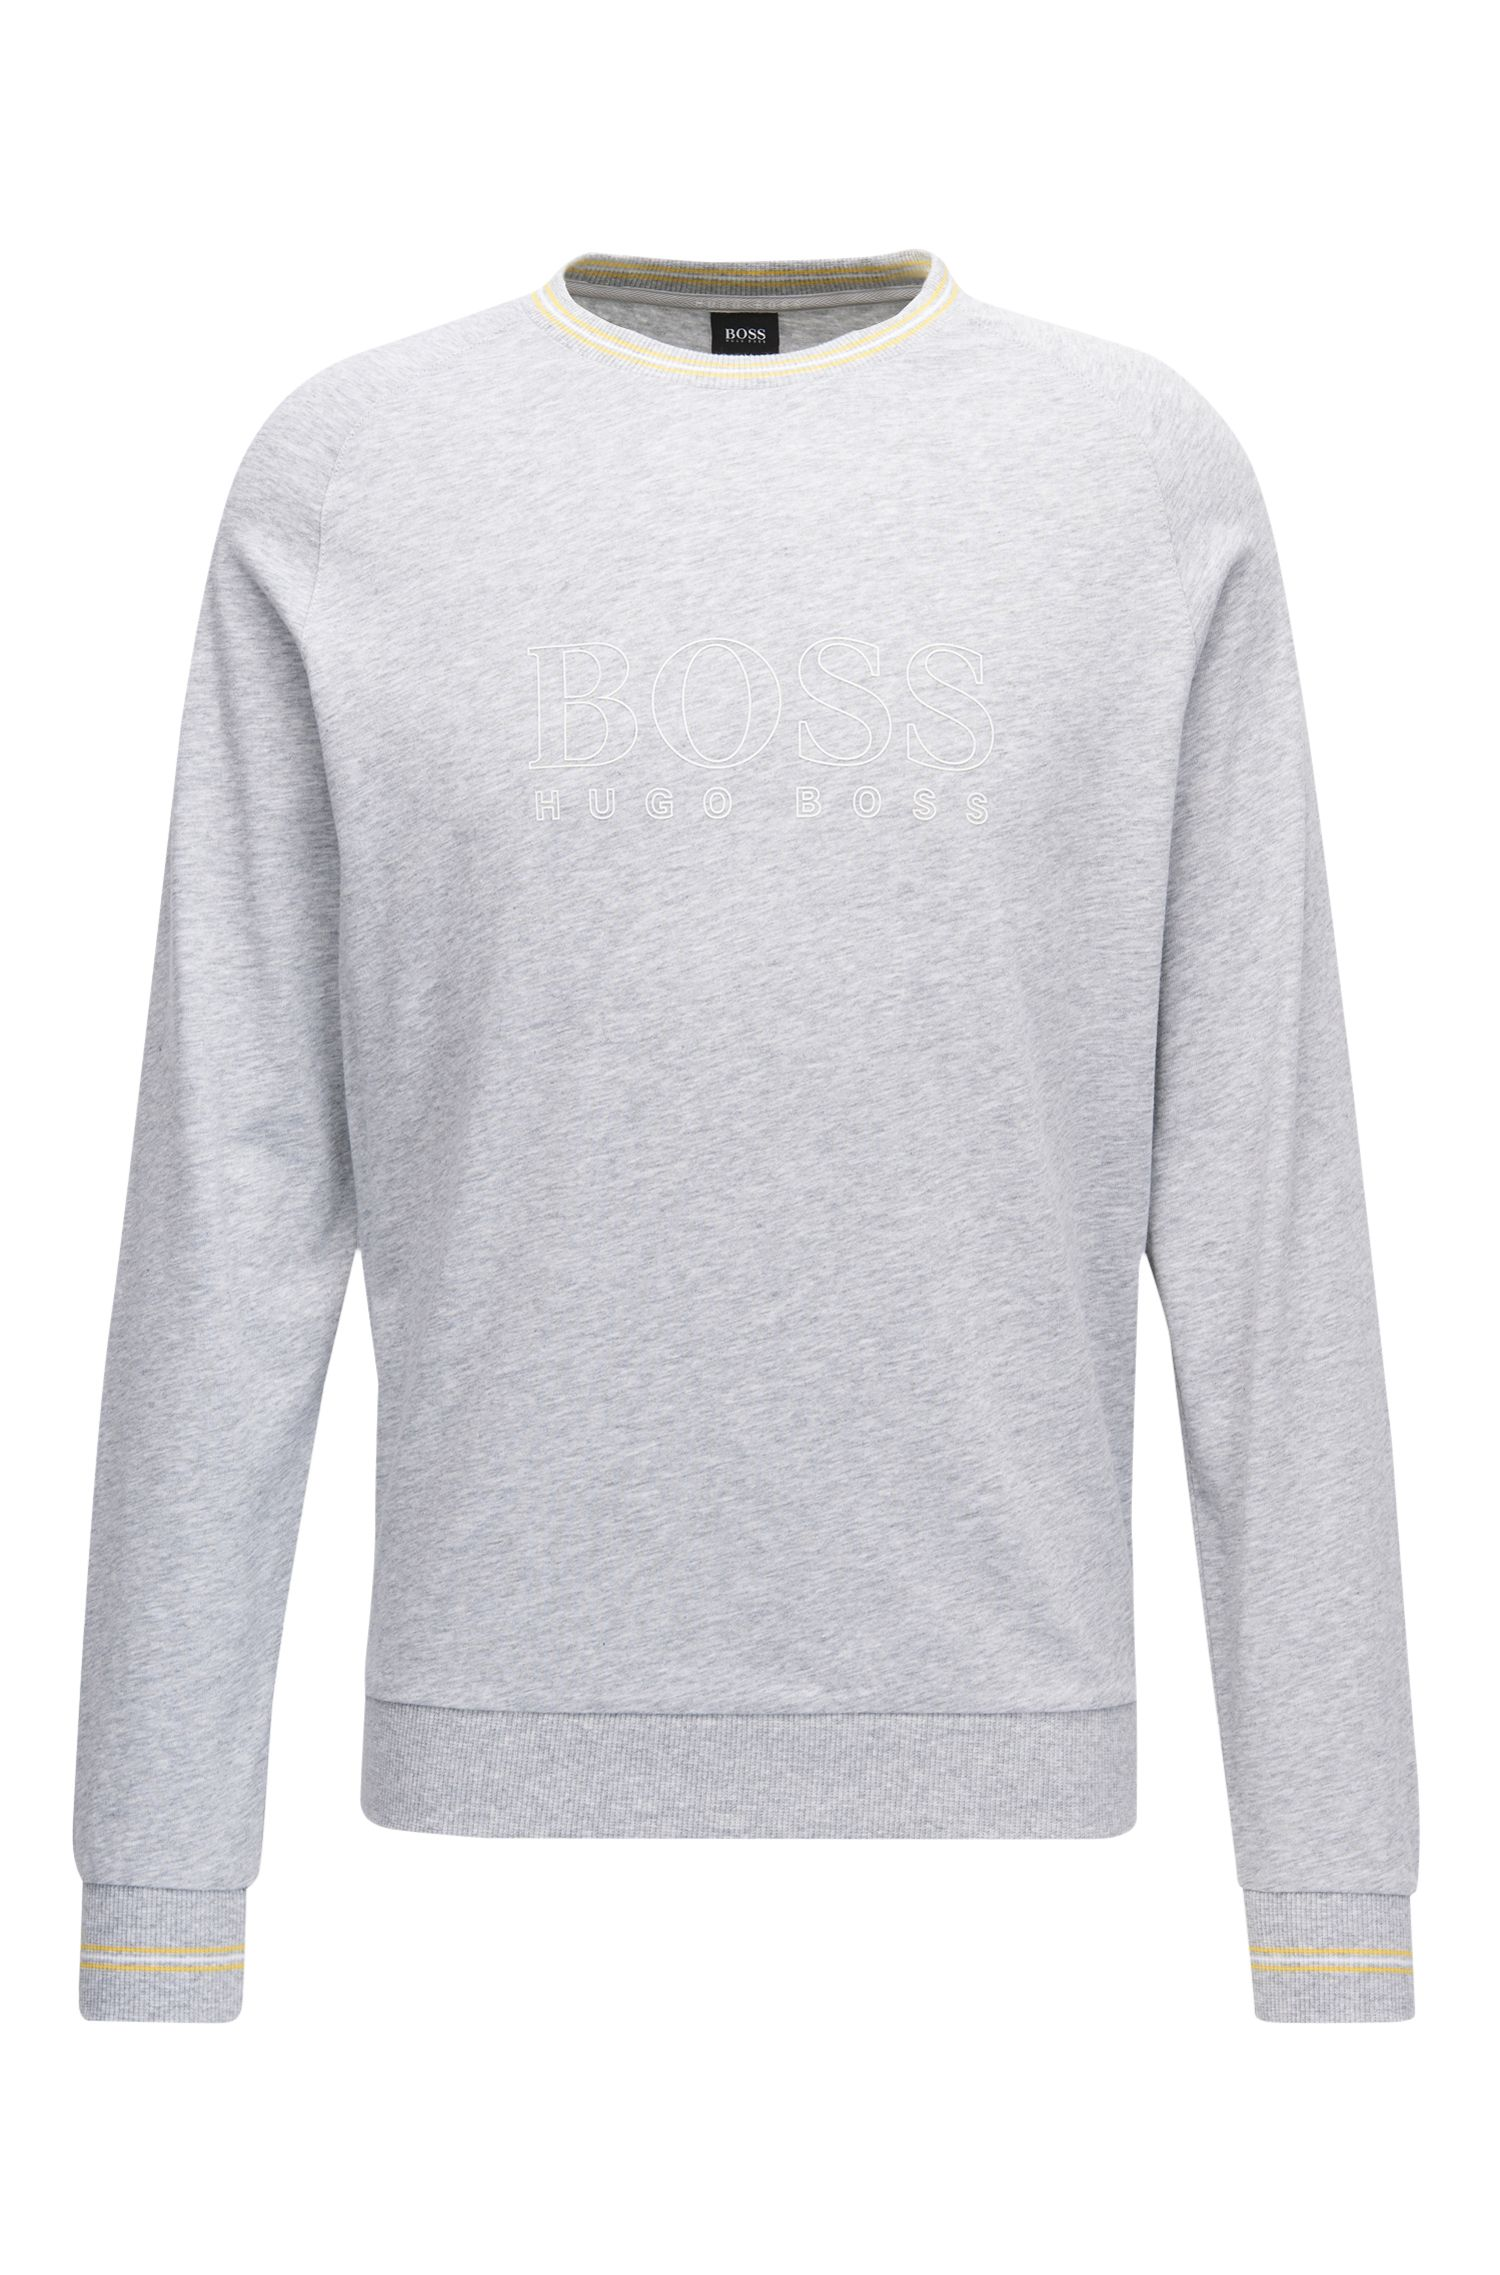 Legerer Pullover aus Baumwoll-Jersey mit Rundhalsausschnitt